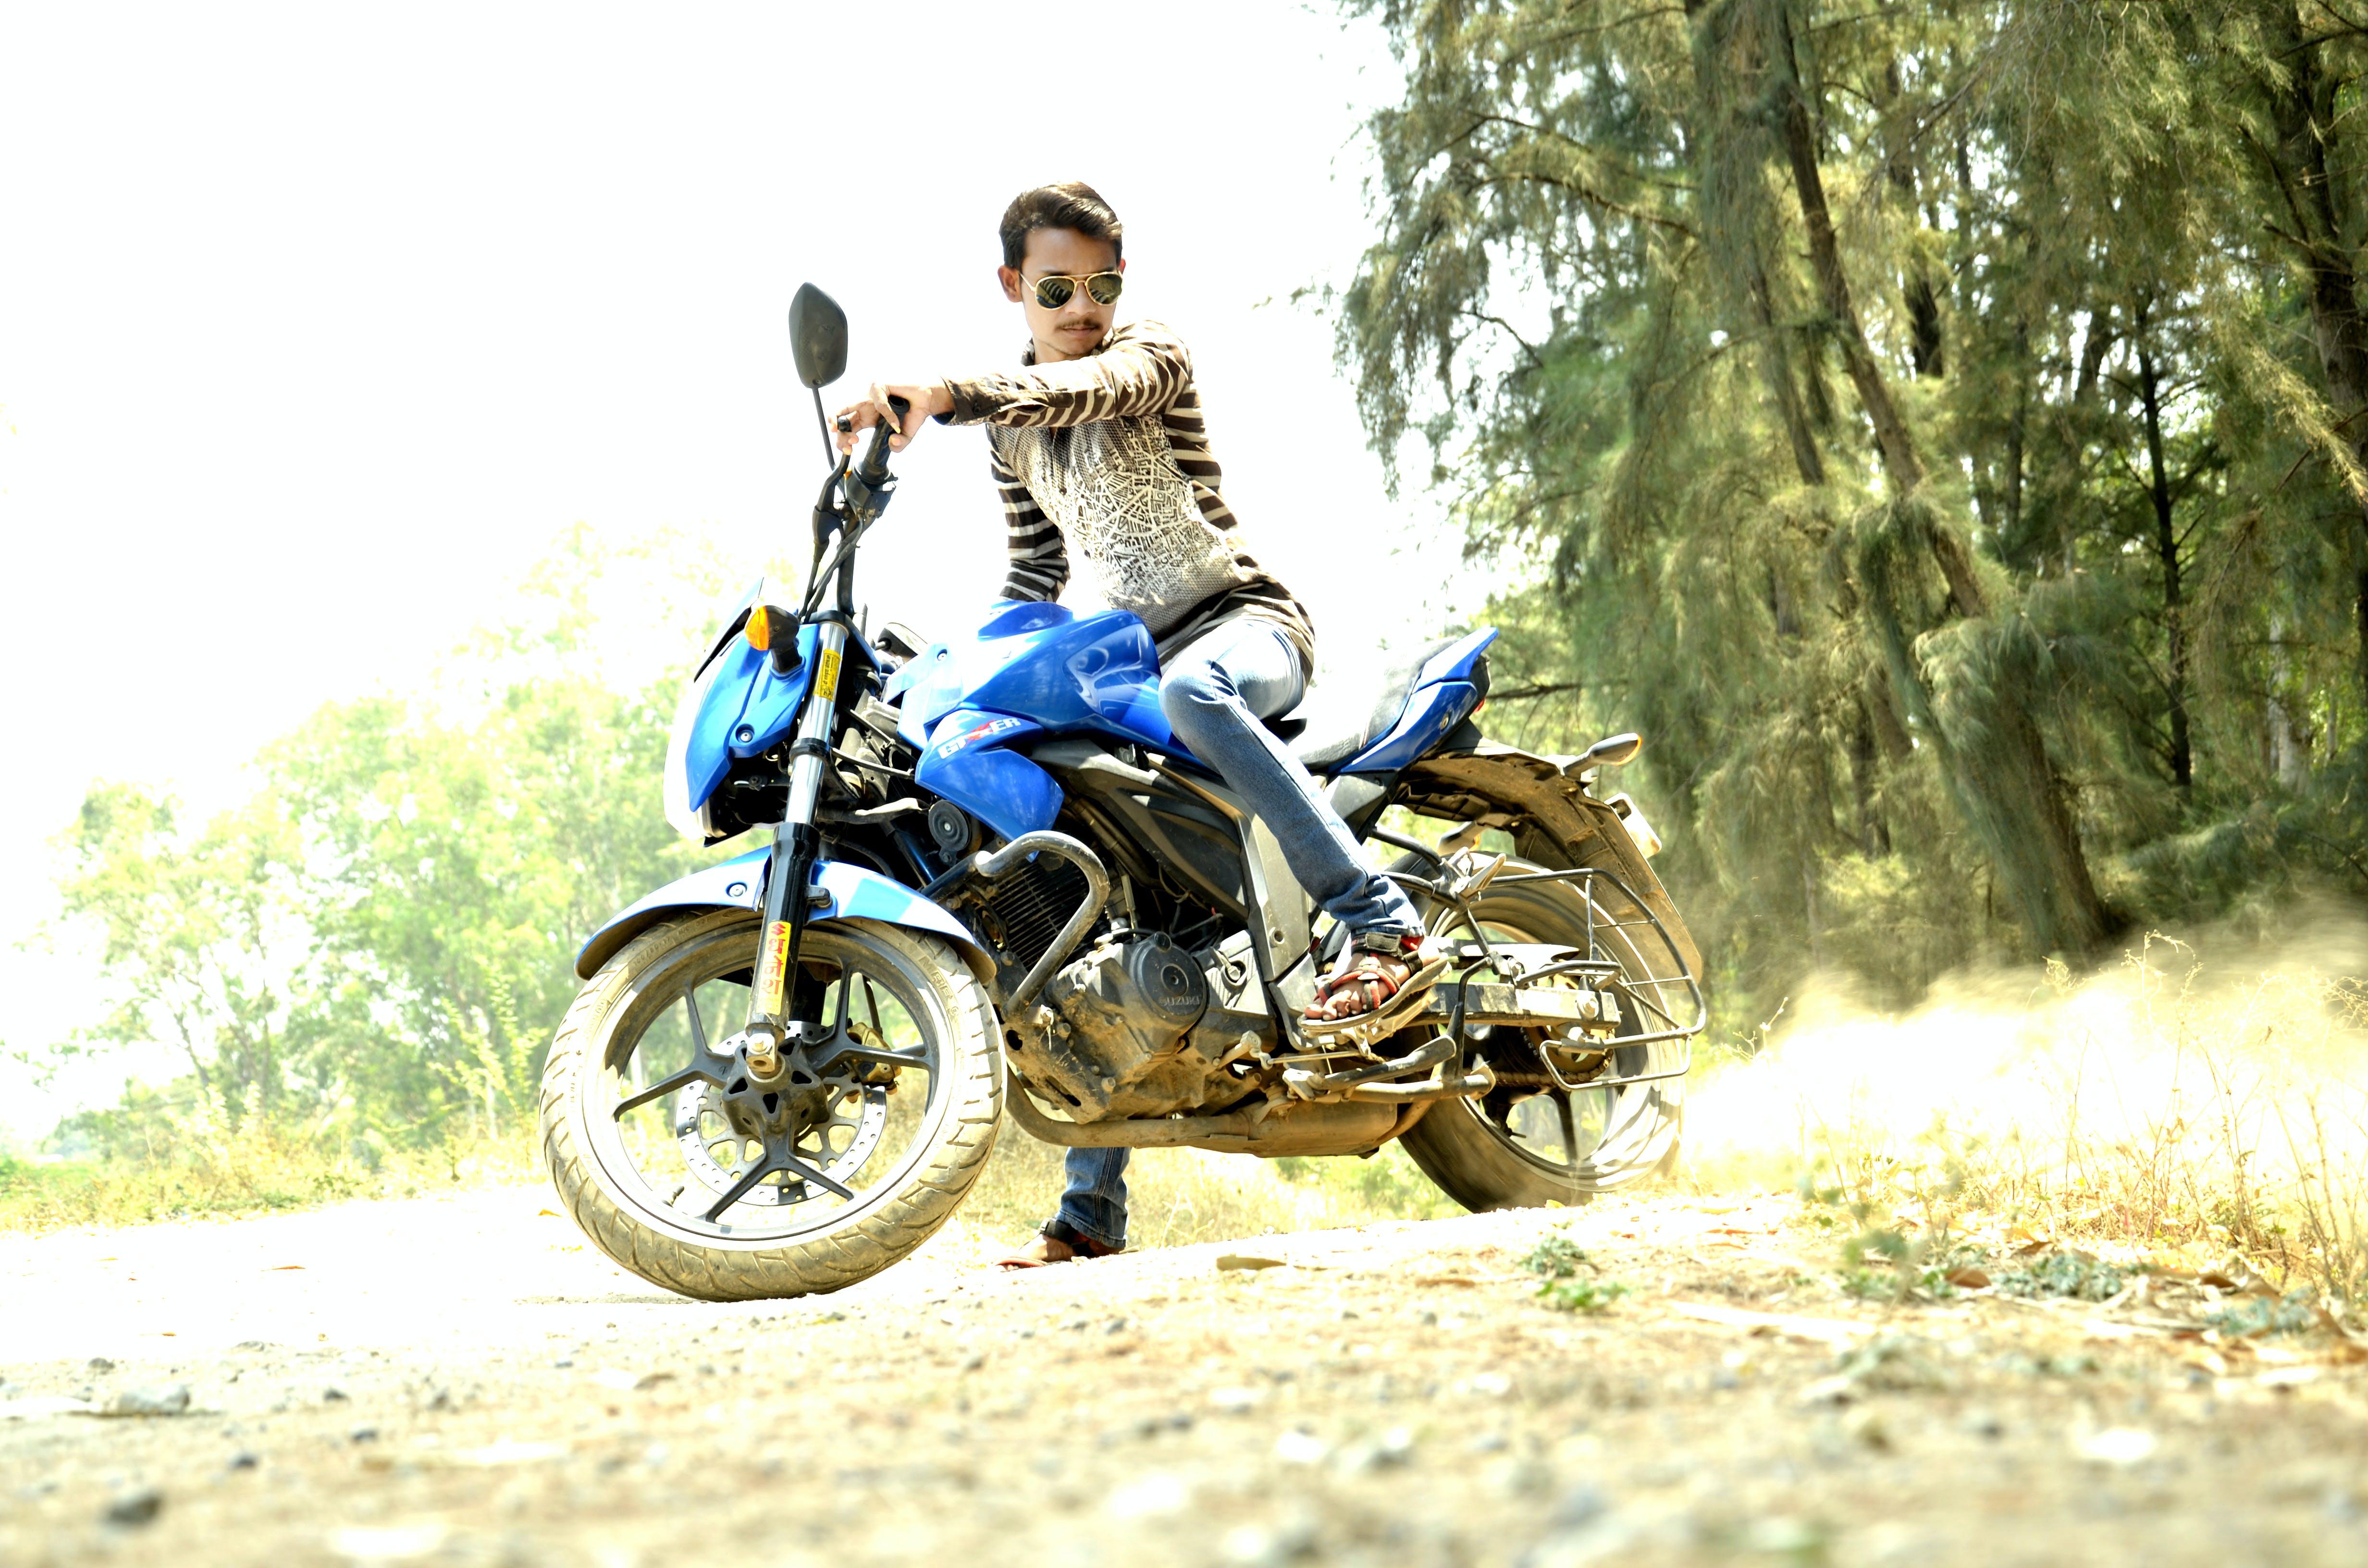 Man Riding Blue Sports Bike